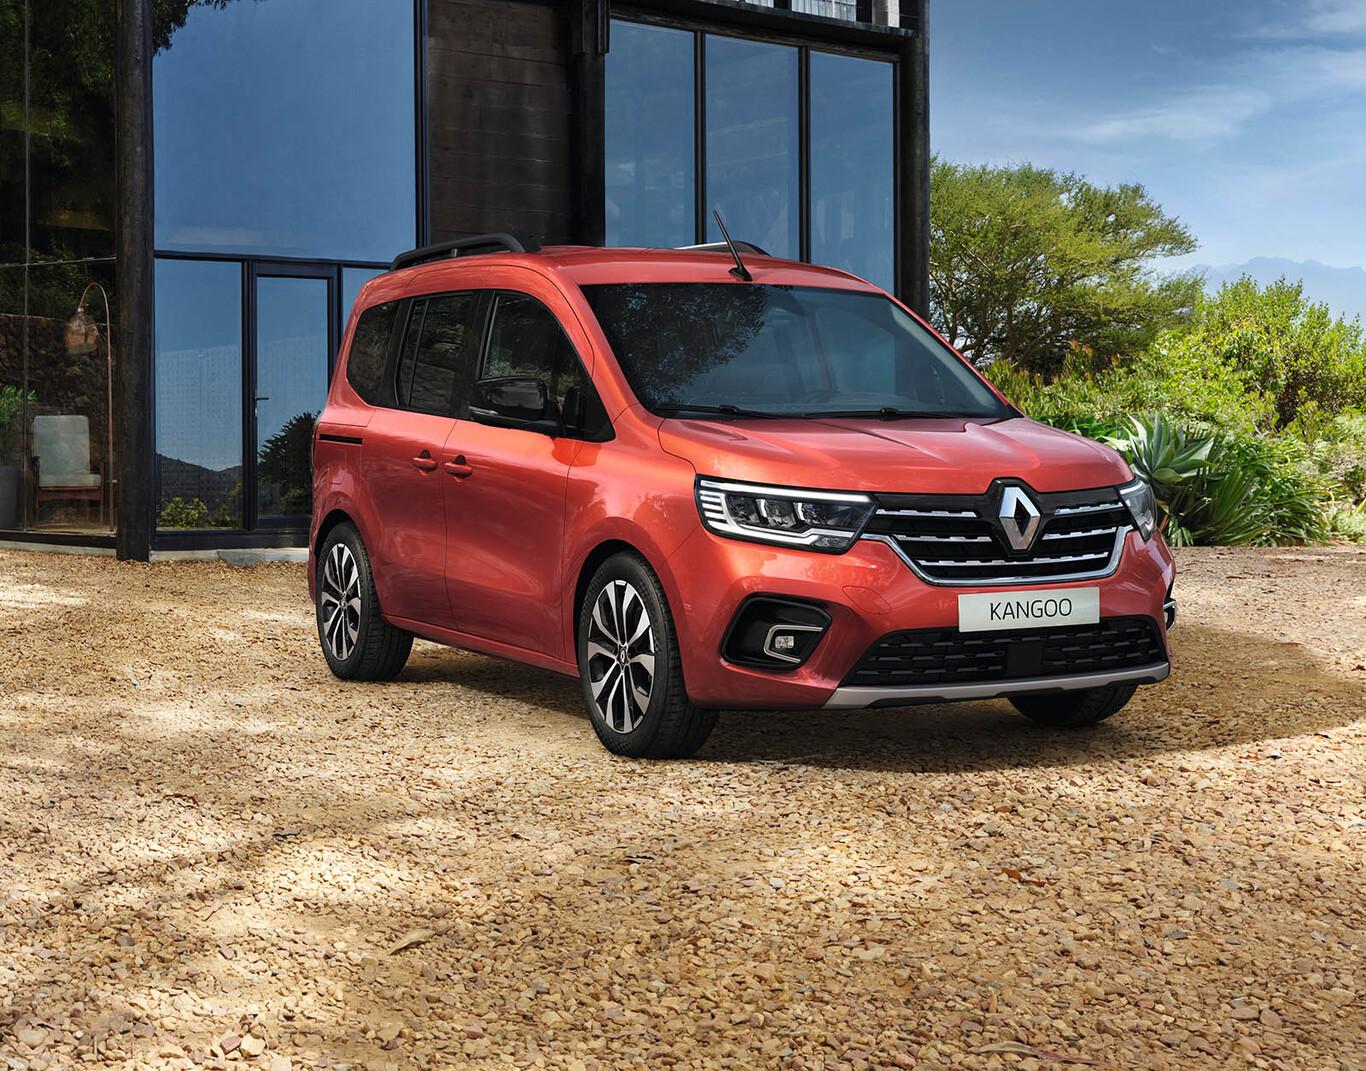 Renault Kangoo se estrena con motores híbridos y versión eléctrica